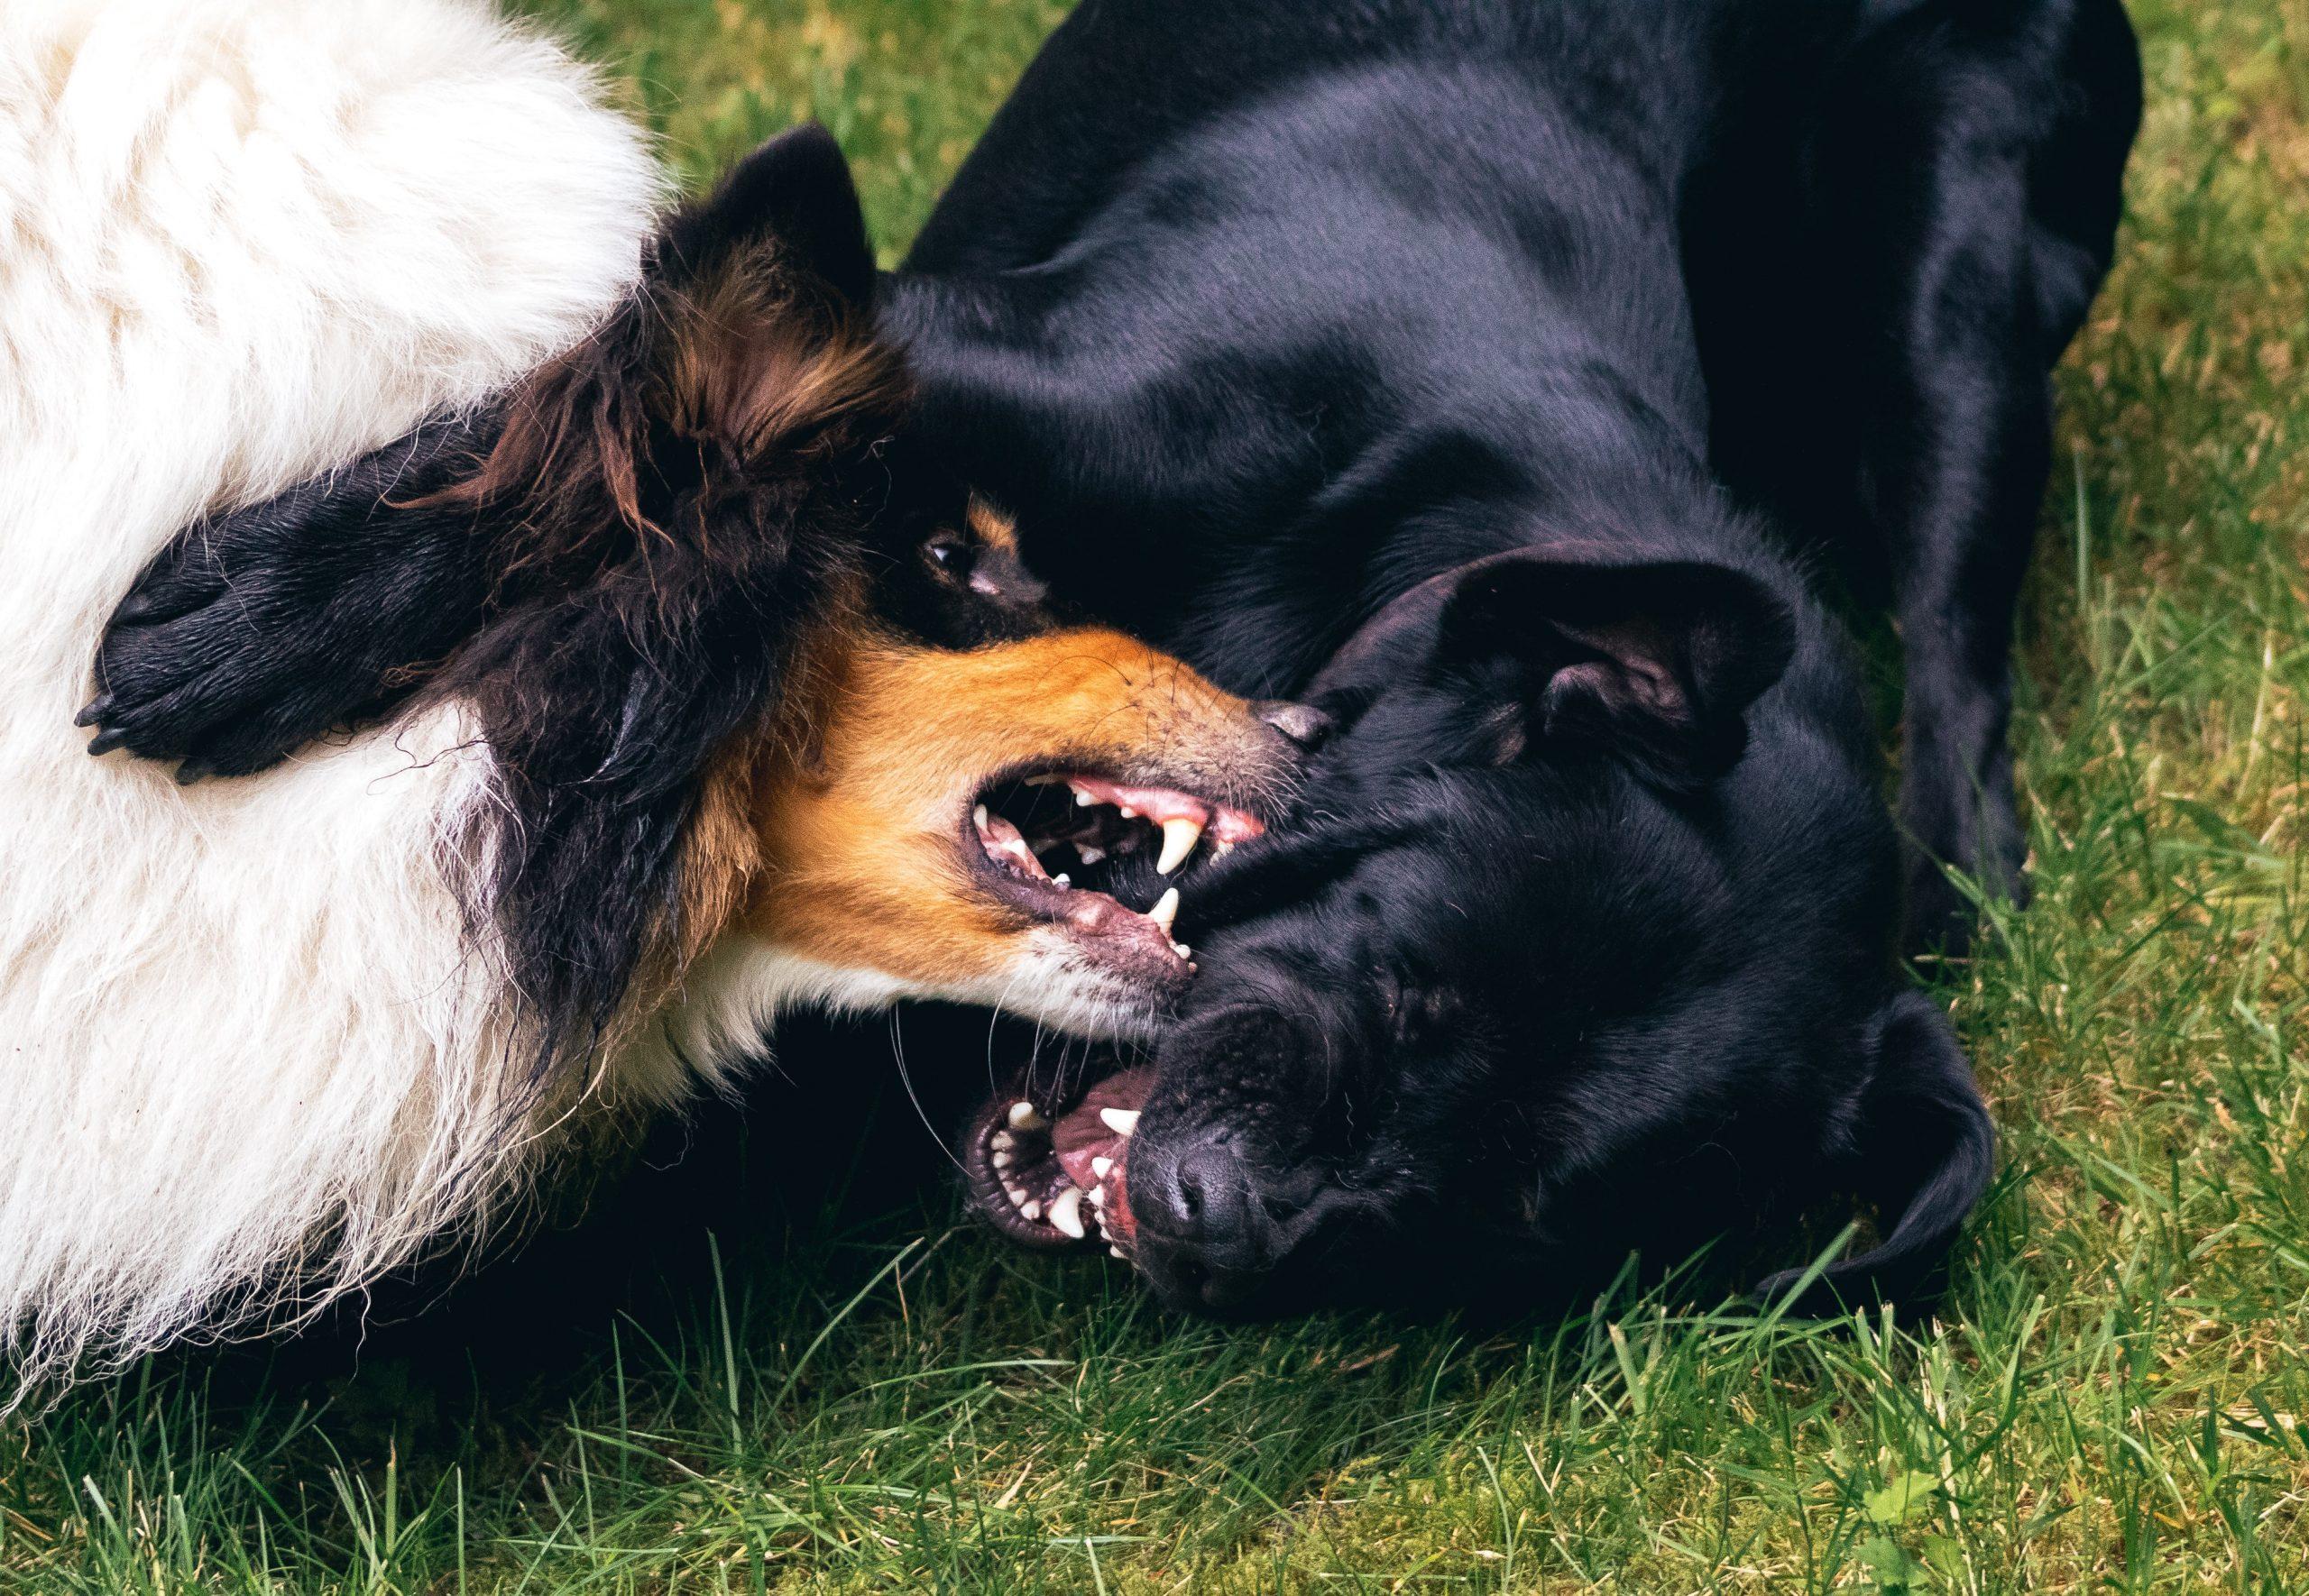 Perché il mio cane va in conflitto con gli altri cani?